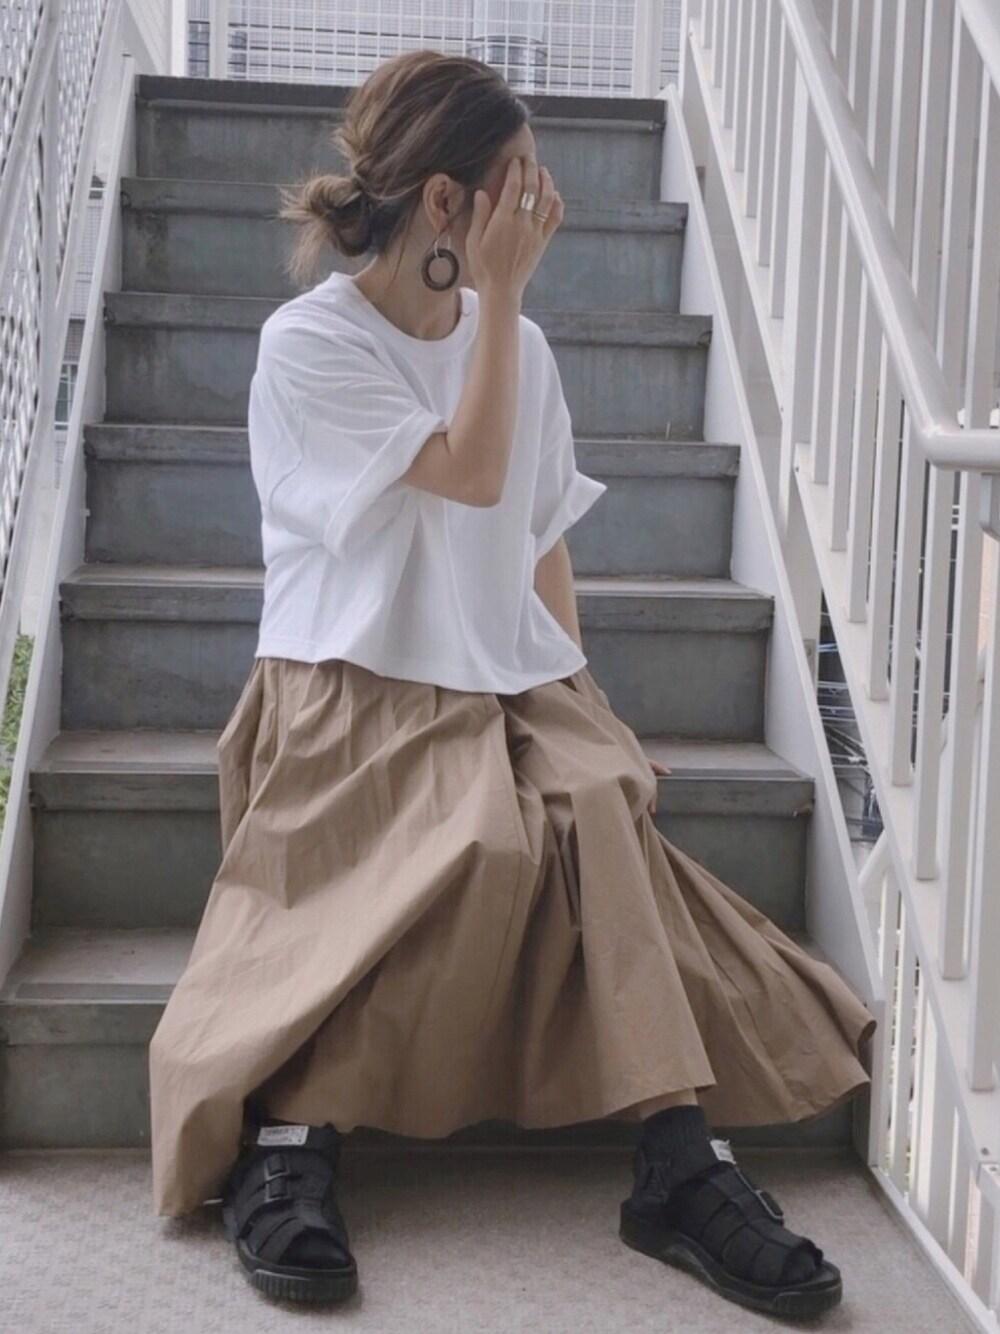 マタニティ夏コーデ 30代 通販 CHOCOA スカート 可愛い